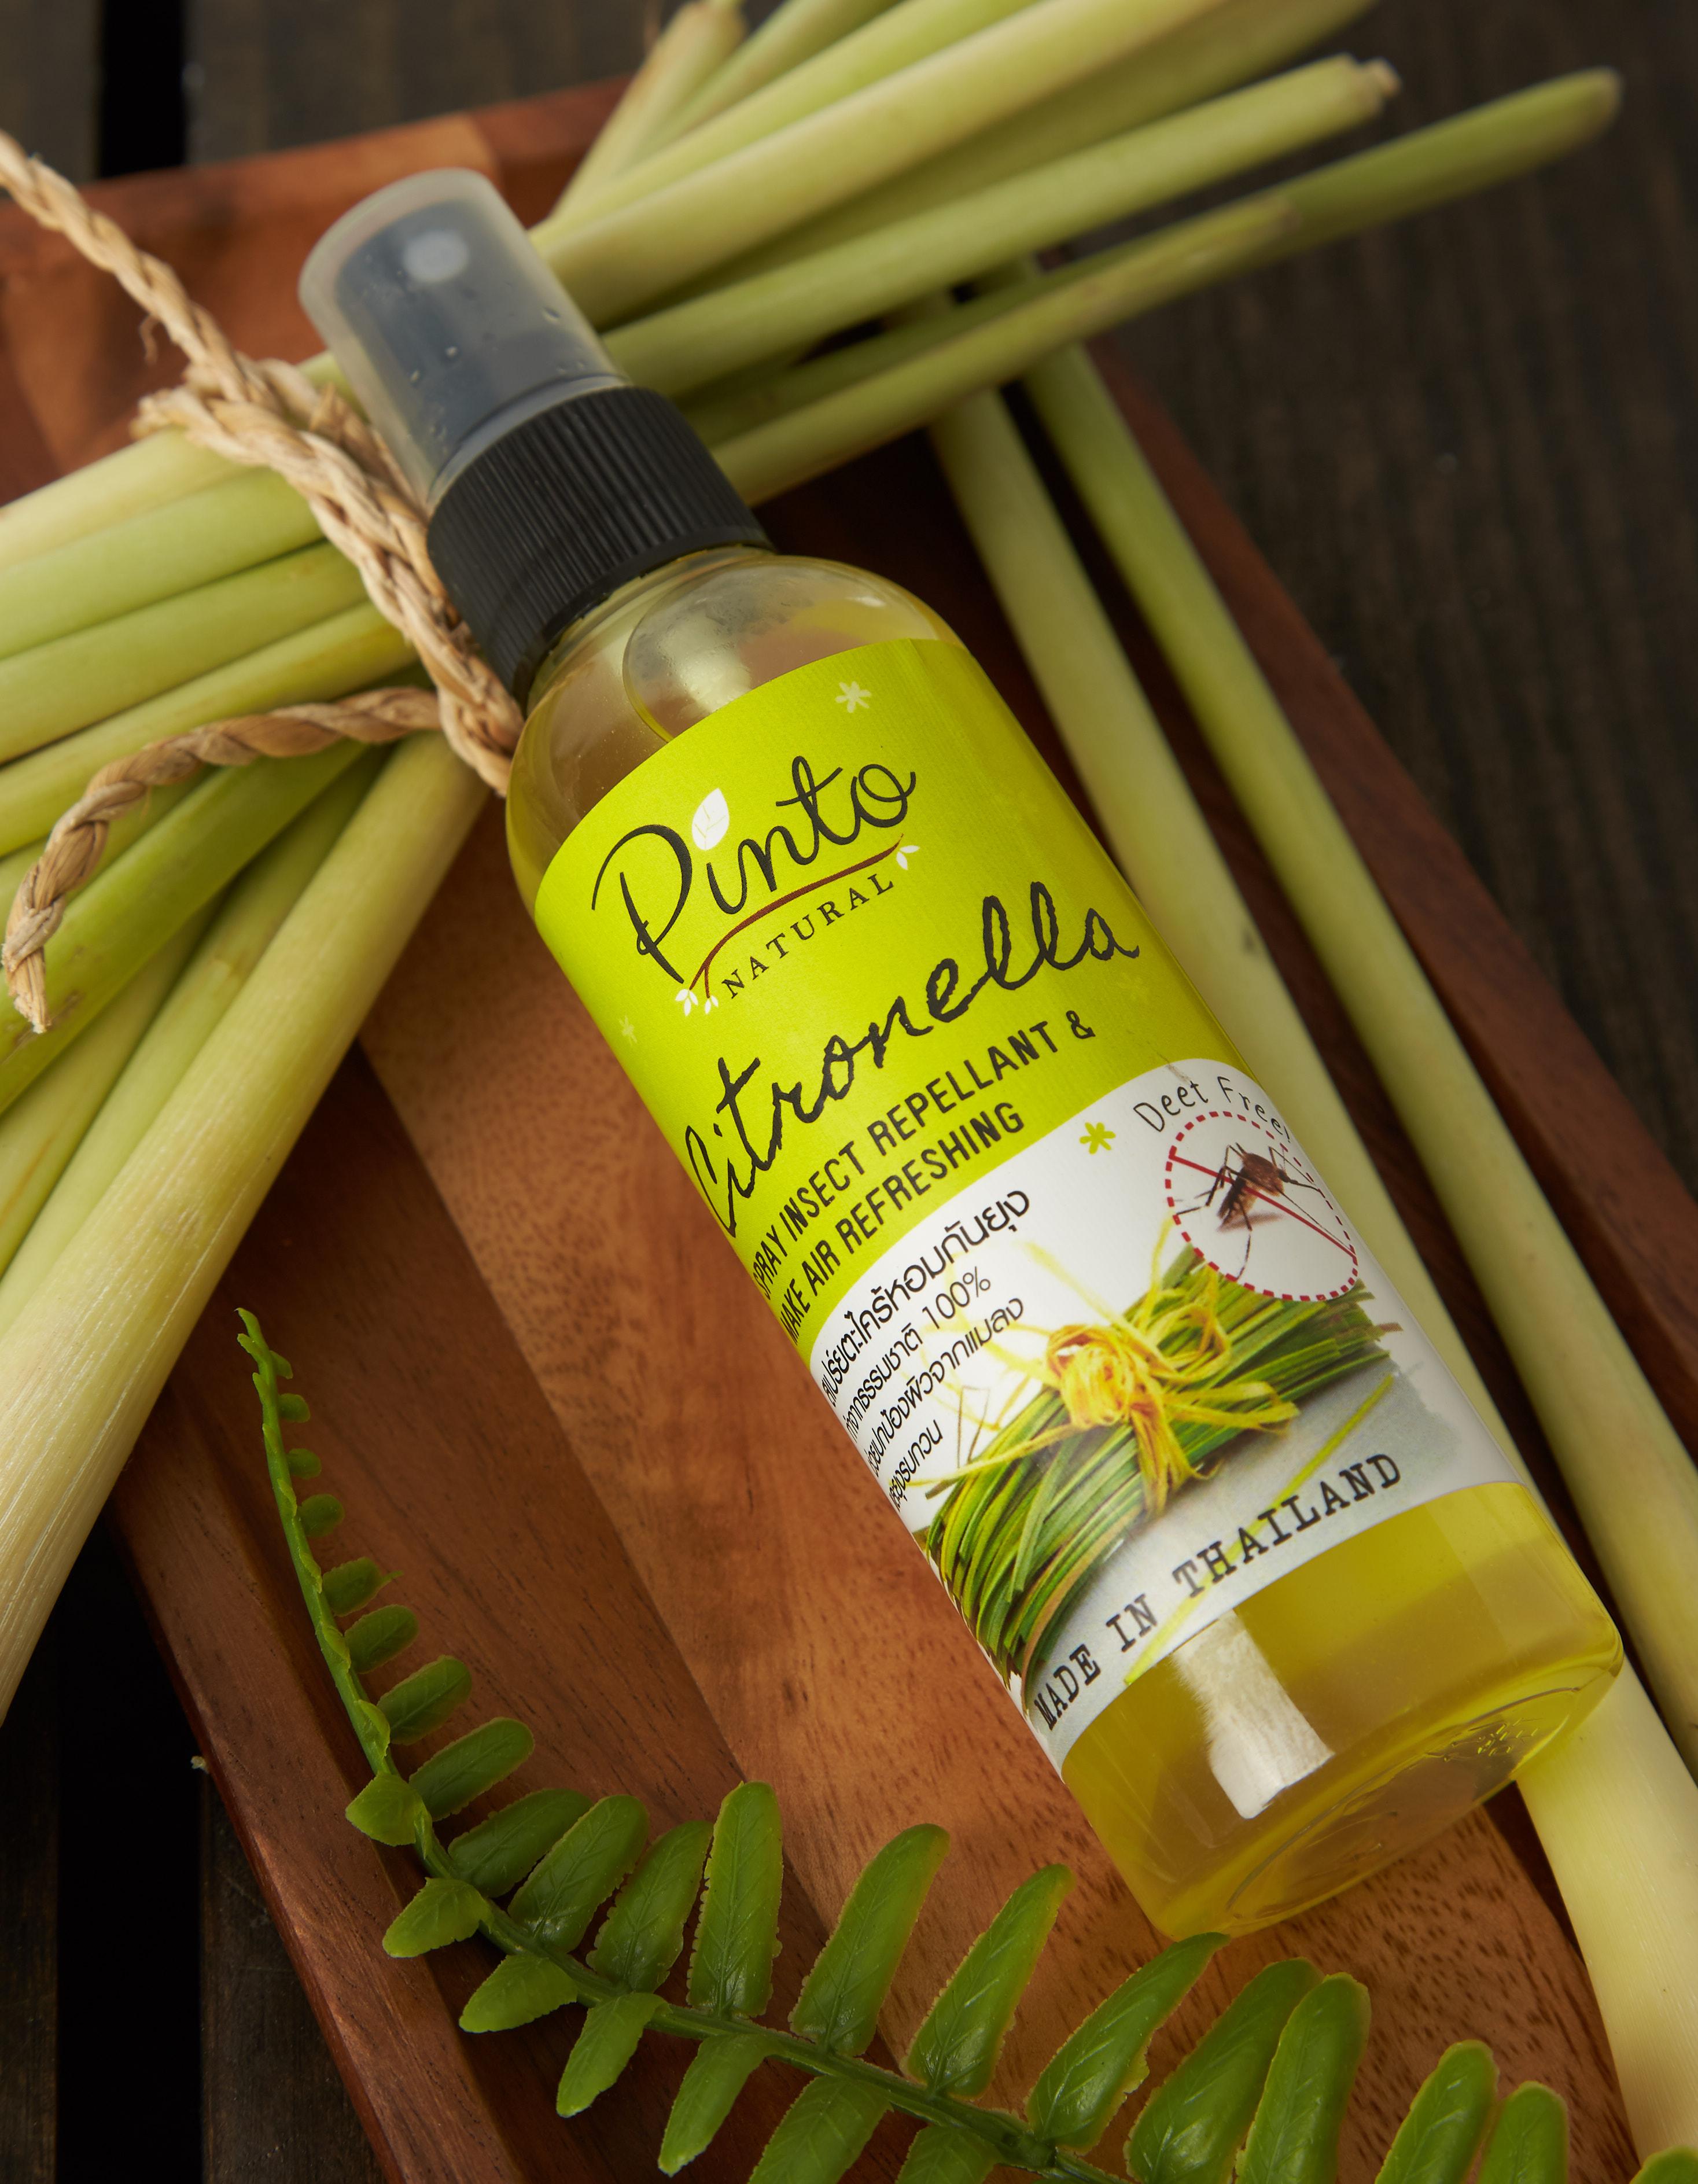 Citronella Insect Spray - สเปร์ยตะไคร้หอมป้องกันยุงและแมลง